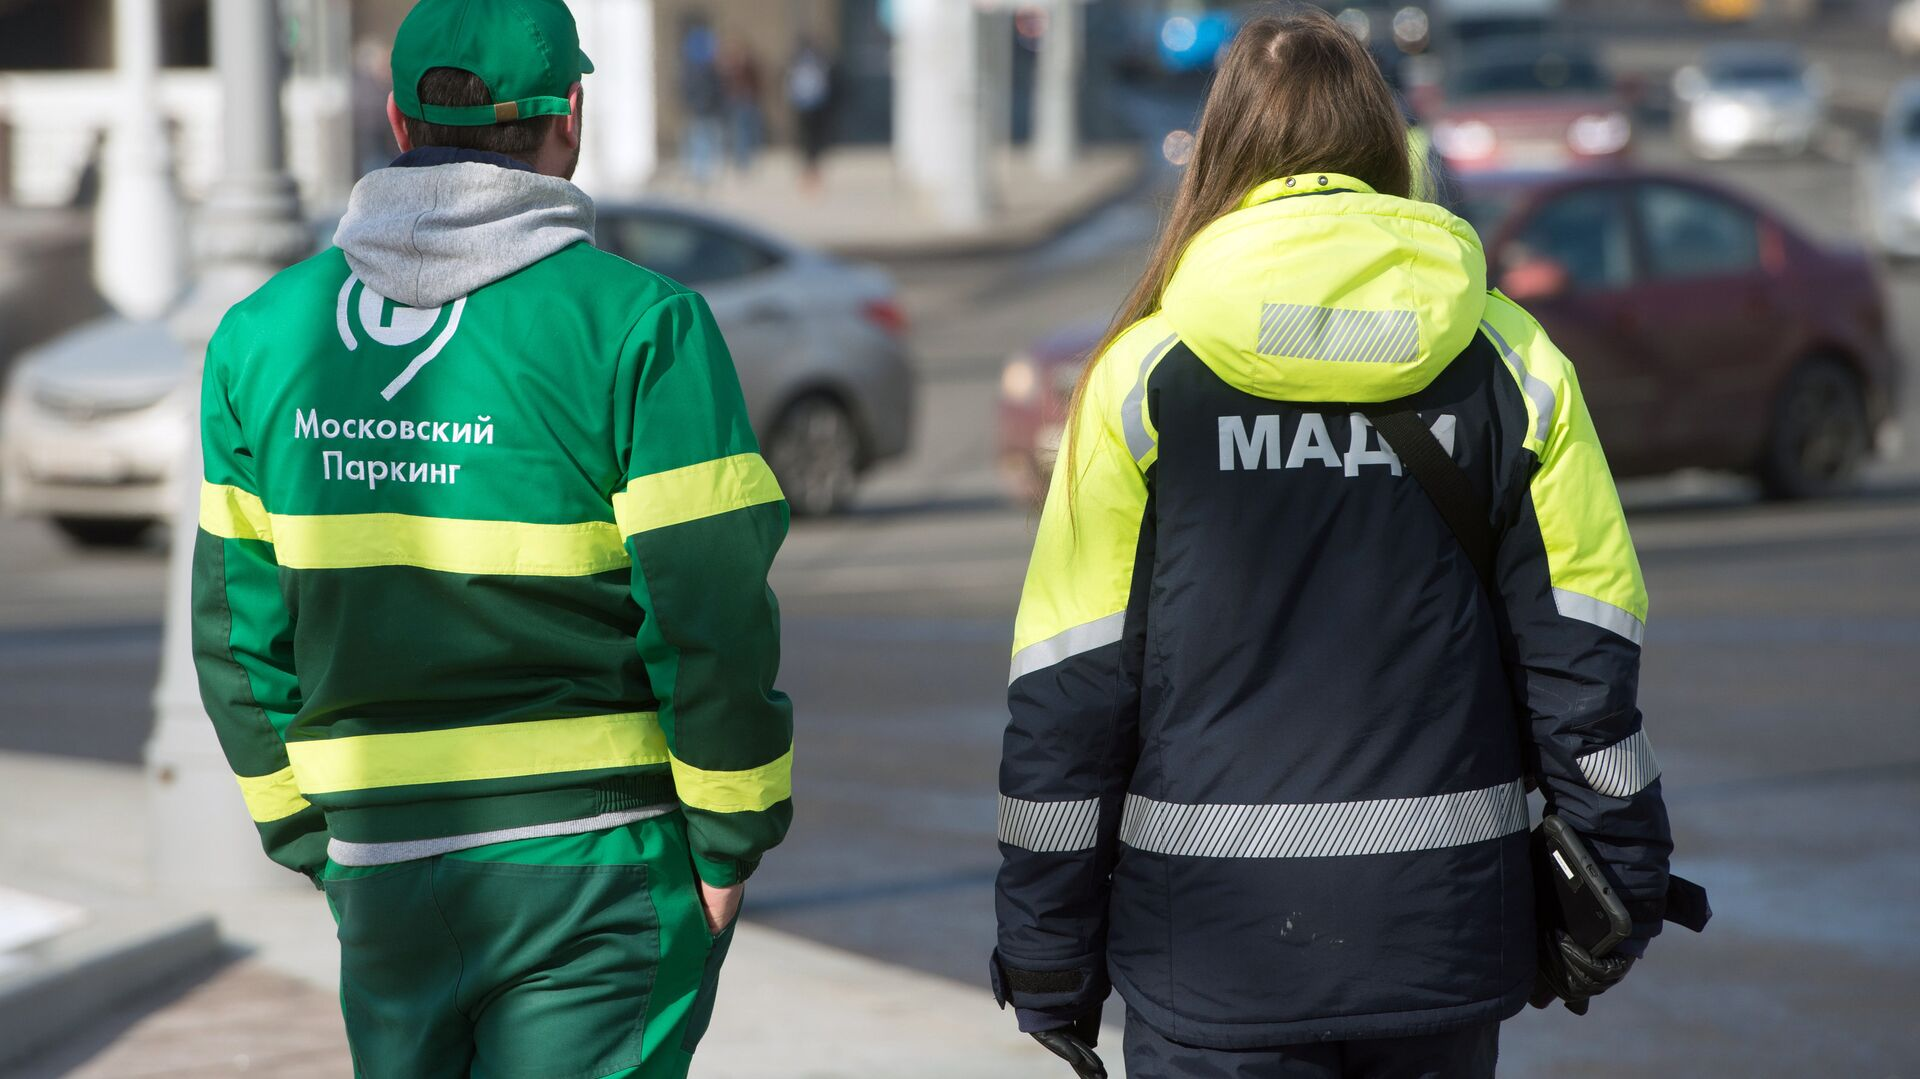 В Москве напали на контролера паркинга